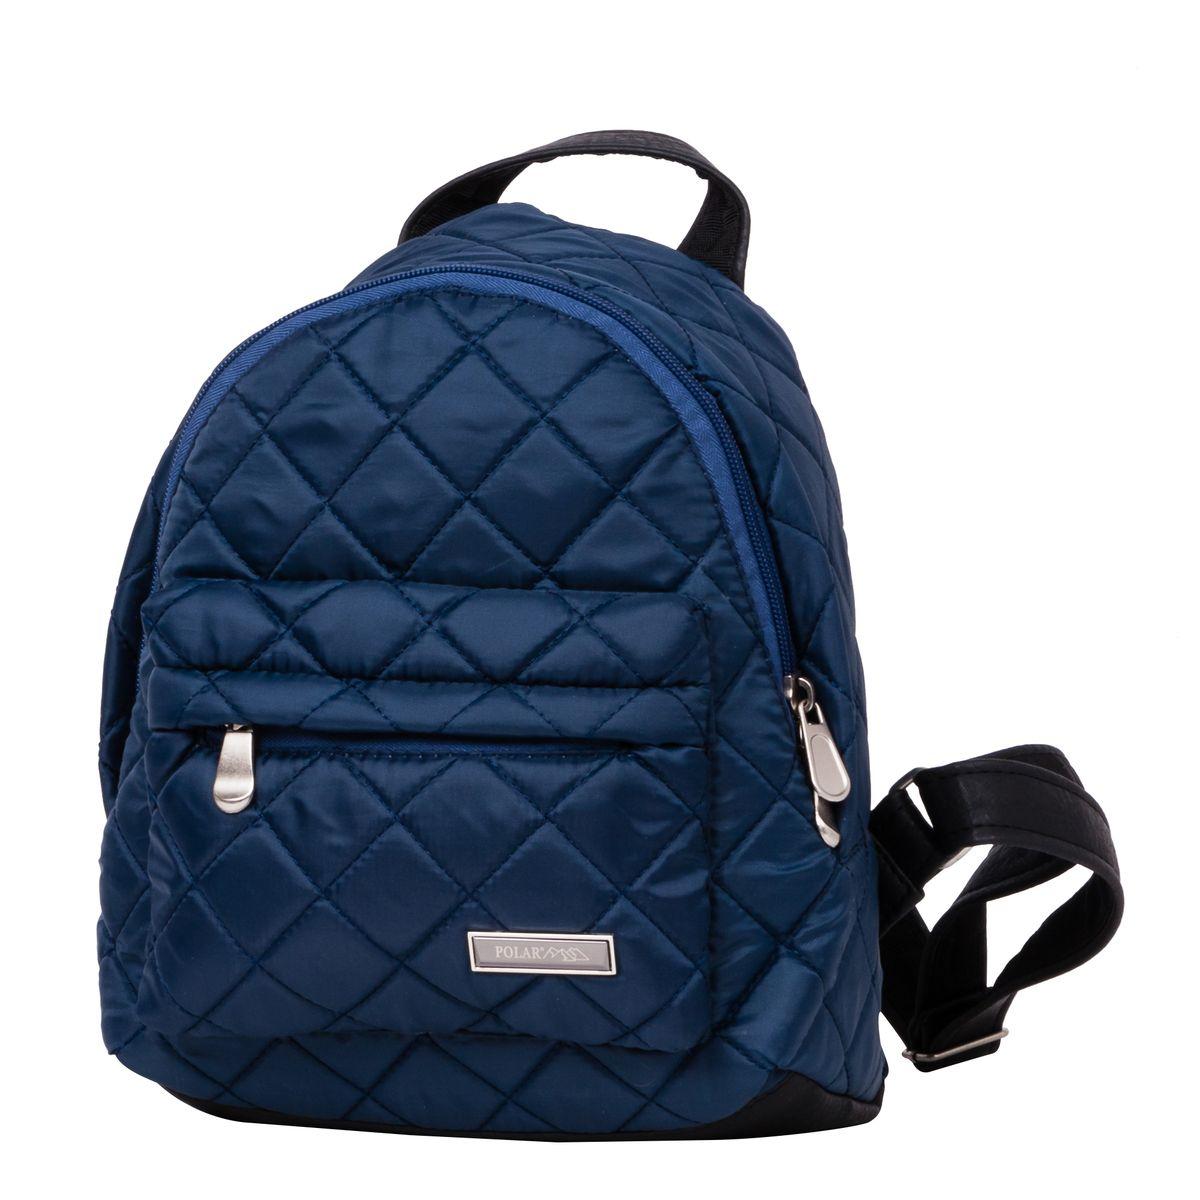 Рюкзак городской женский Polar, цвет: темно-синий, 9 л. п7075-04п7075_04Рюкзак Polar выполнен из высококачественного полиэстера, который не пропускает воду. Рюкзак оформлен декоративной прострочкой и фирменной металлической пластинкой. На лицевой стороне расположен объемный накладной карман на молнии для мелочей. Рюкзак имеет петлю для подвешивания и две удобные лямки, длина которых регулируется с помощью пряжек. Изделие застегивается на застежку-молнию. Внутри расположено главное отделение, которое содержит вшитый карман на молнии и два открытых накладных кармана для телефона и мелочей.